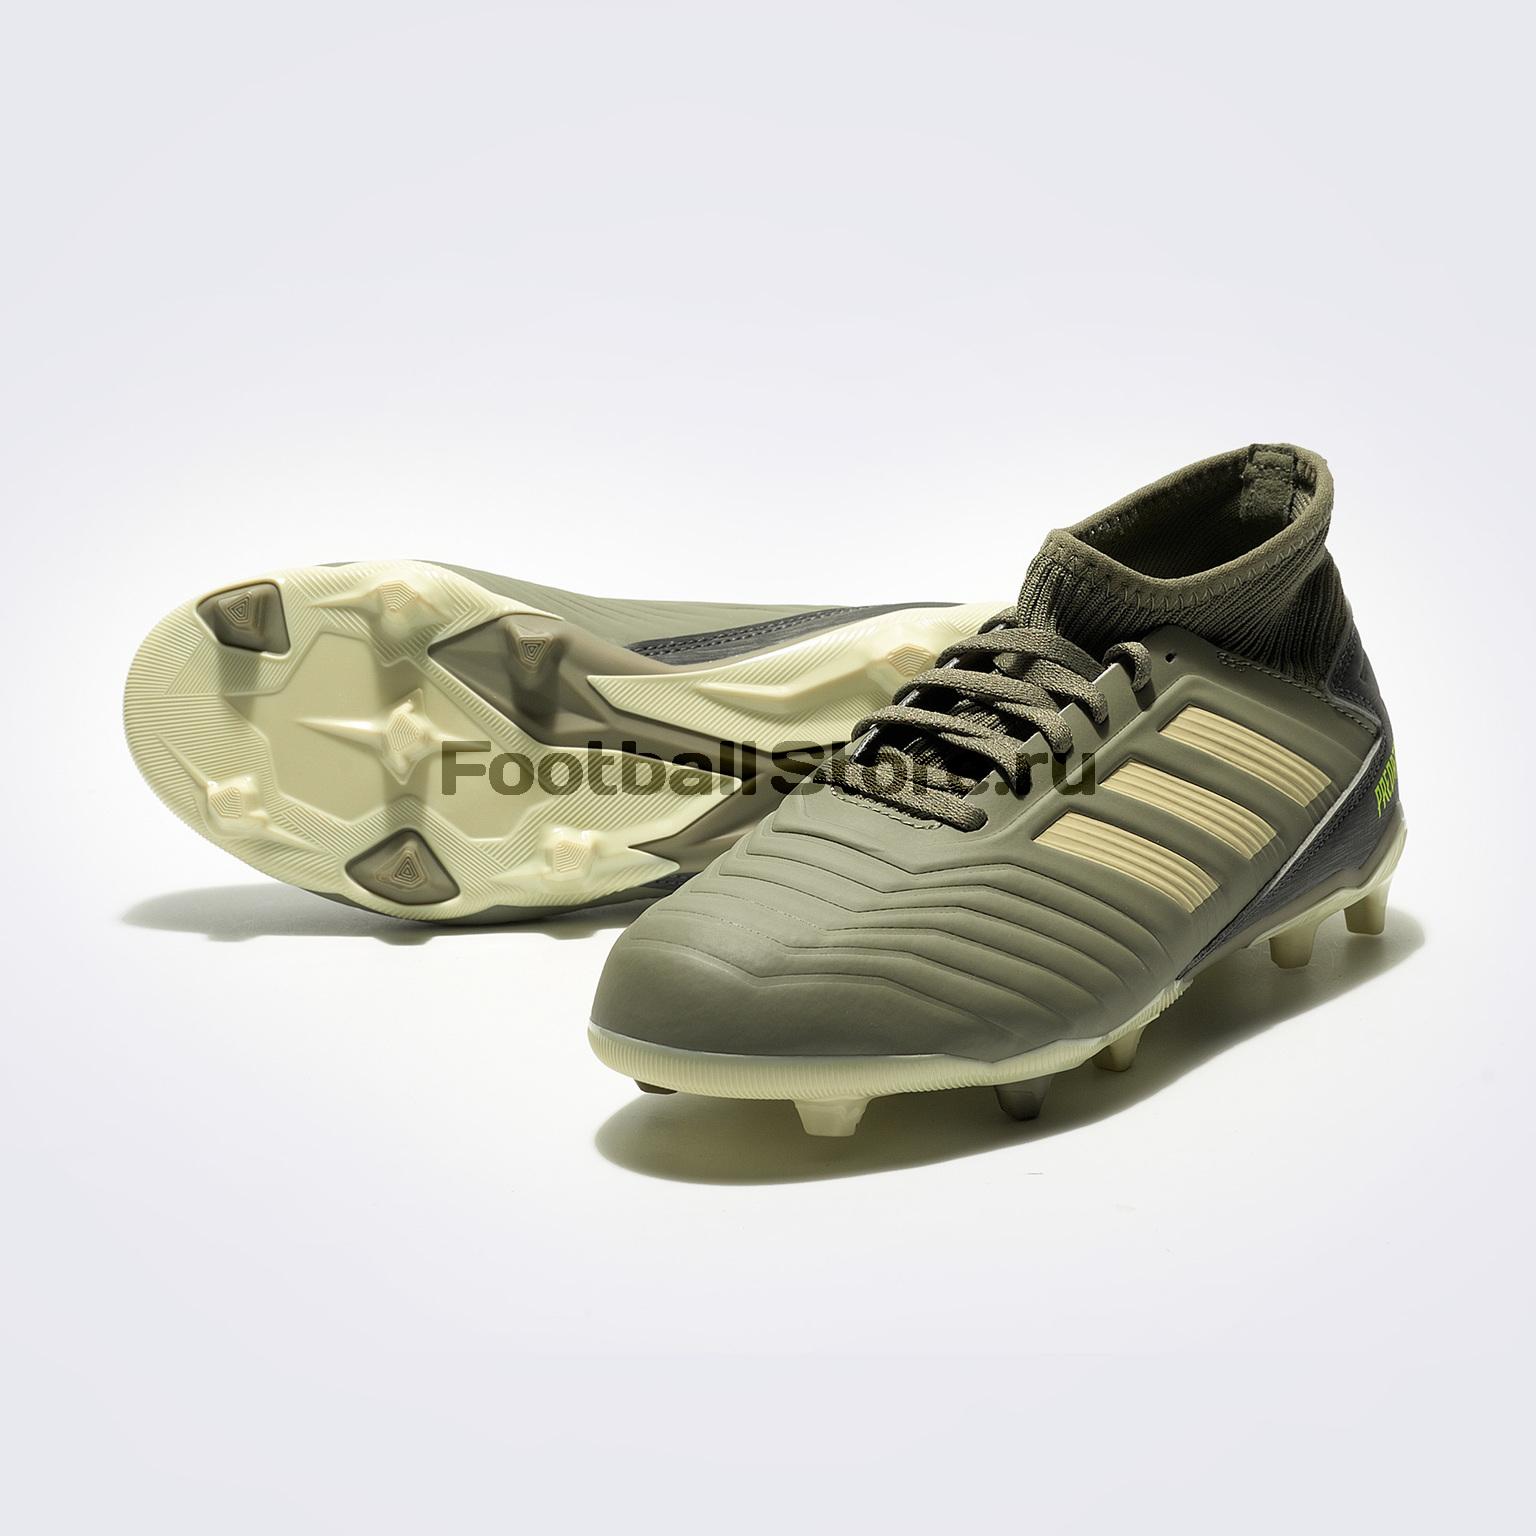 цена на Бутсы детские Adidas Predator 19.3 FG EF8215